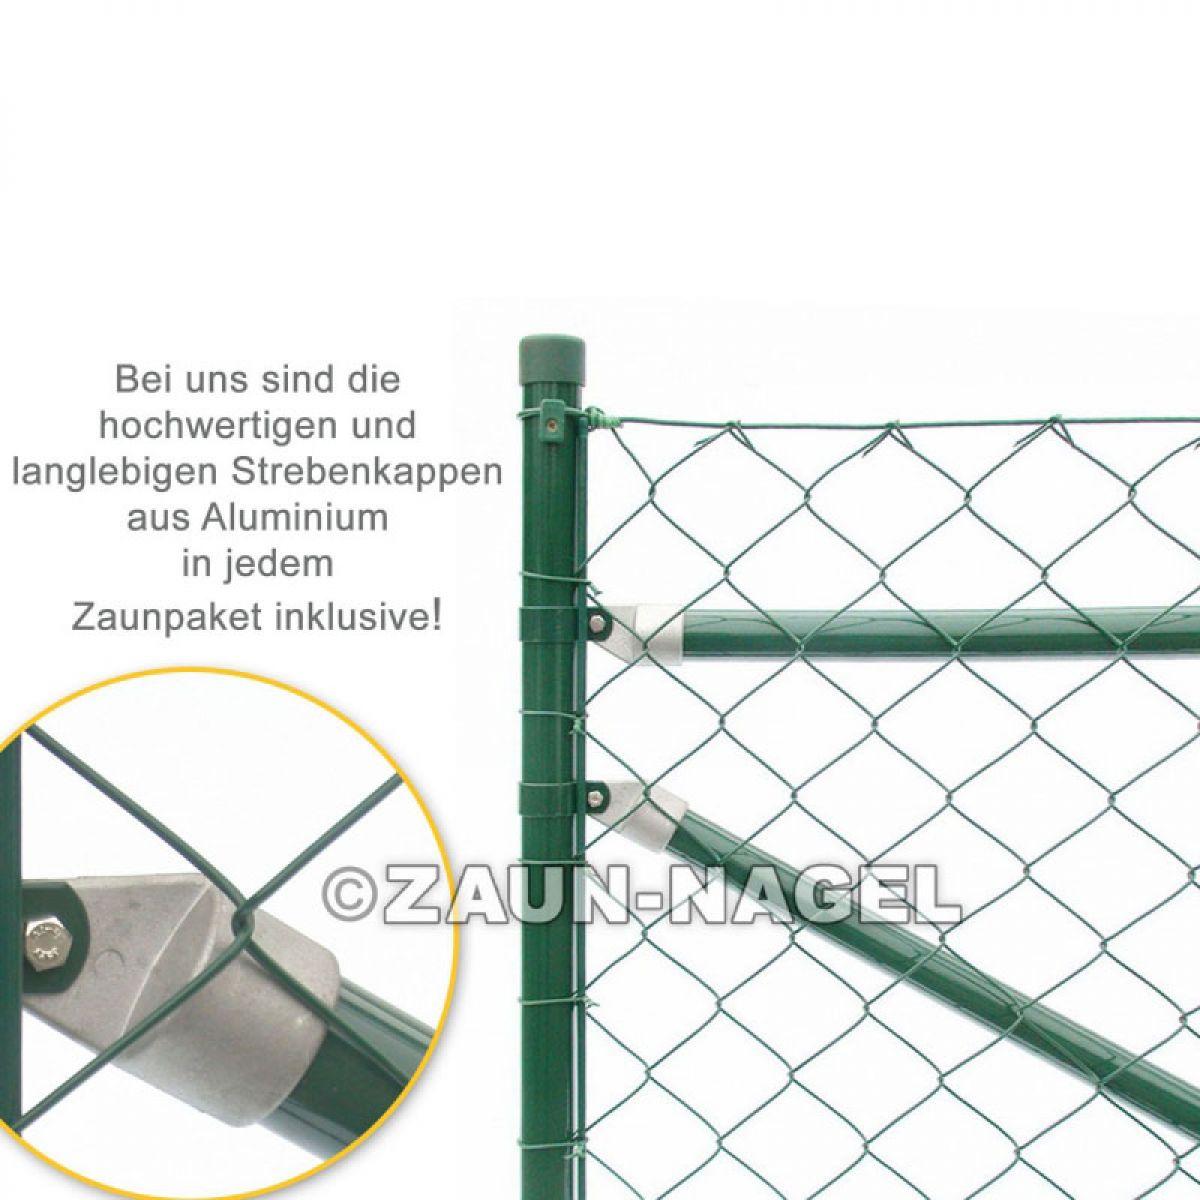 Maschendraht ANTHRAZIT Zaun Set Zaunset Zaunpaket Gartenzäune Drahtzaun günstig